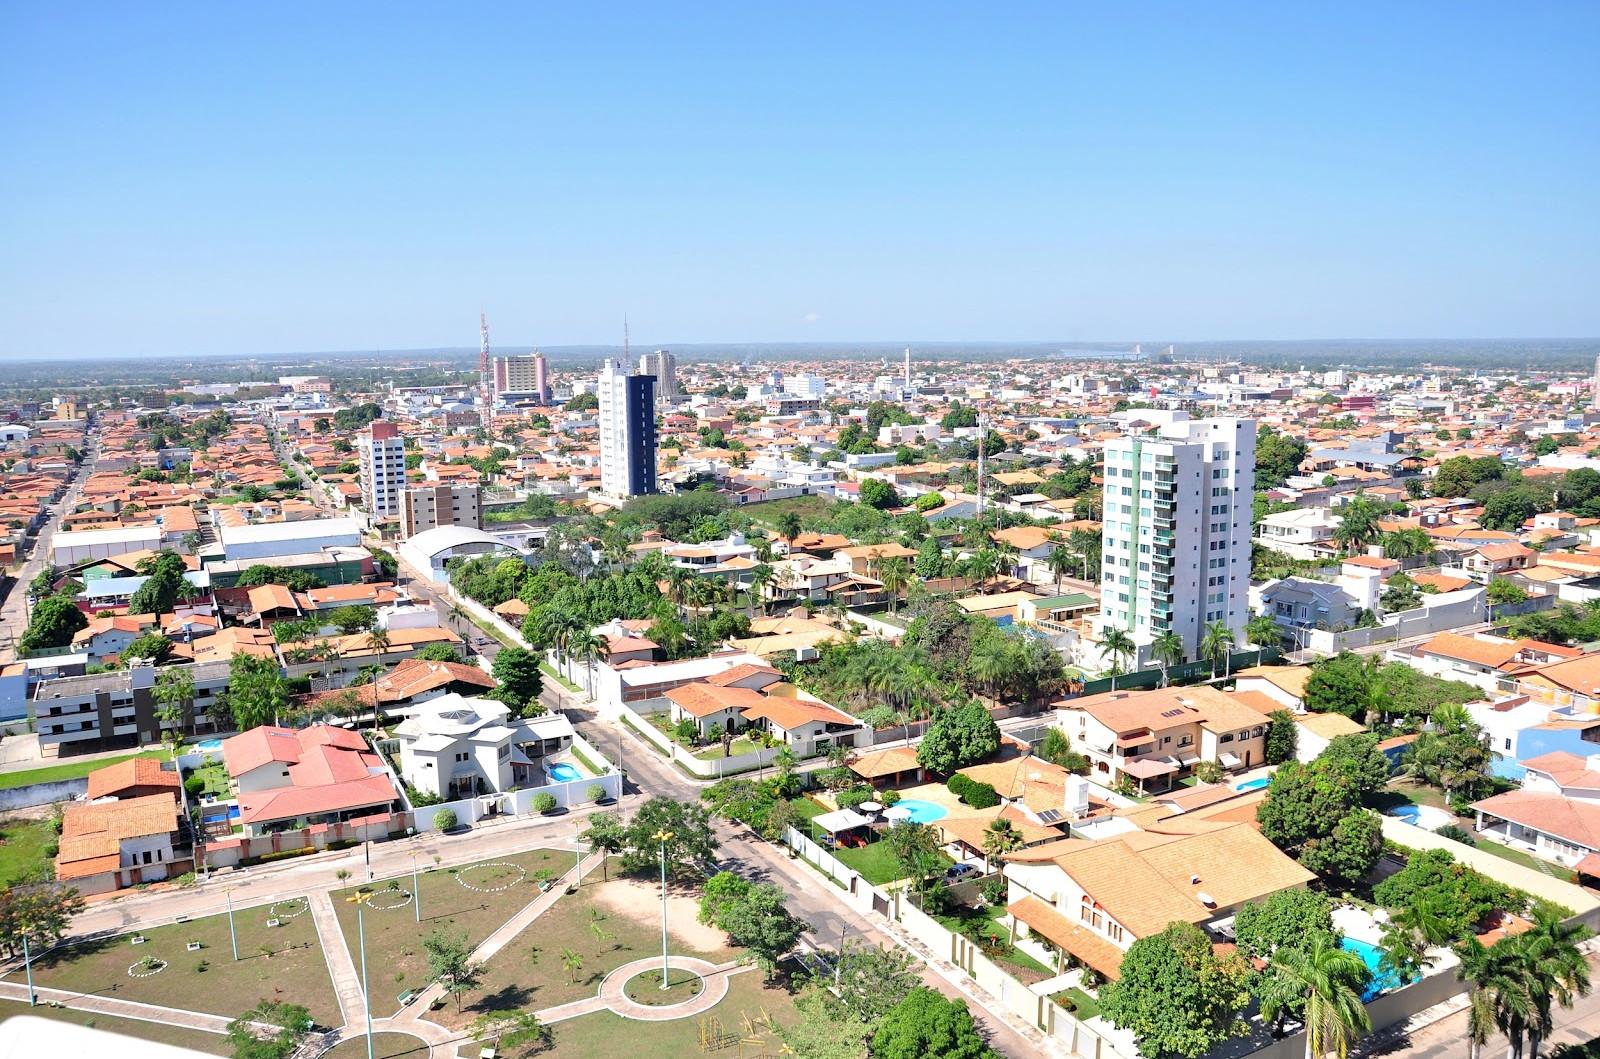 Houve um aumento de mais de 3 mil habitantes, em comparação ao último censo (Foto: Reprodução)